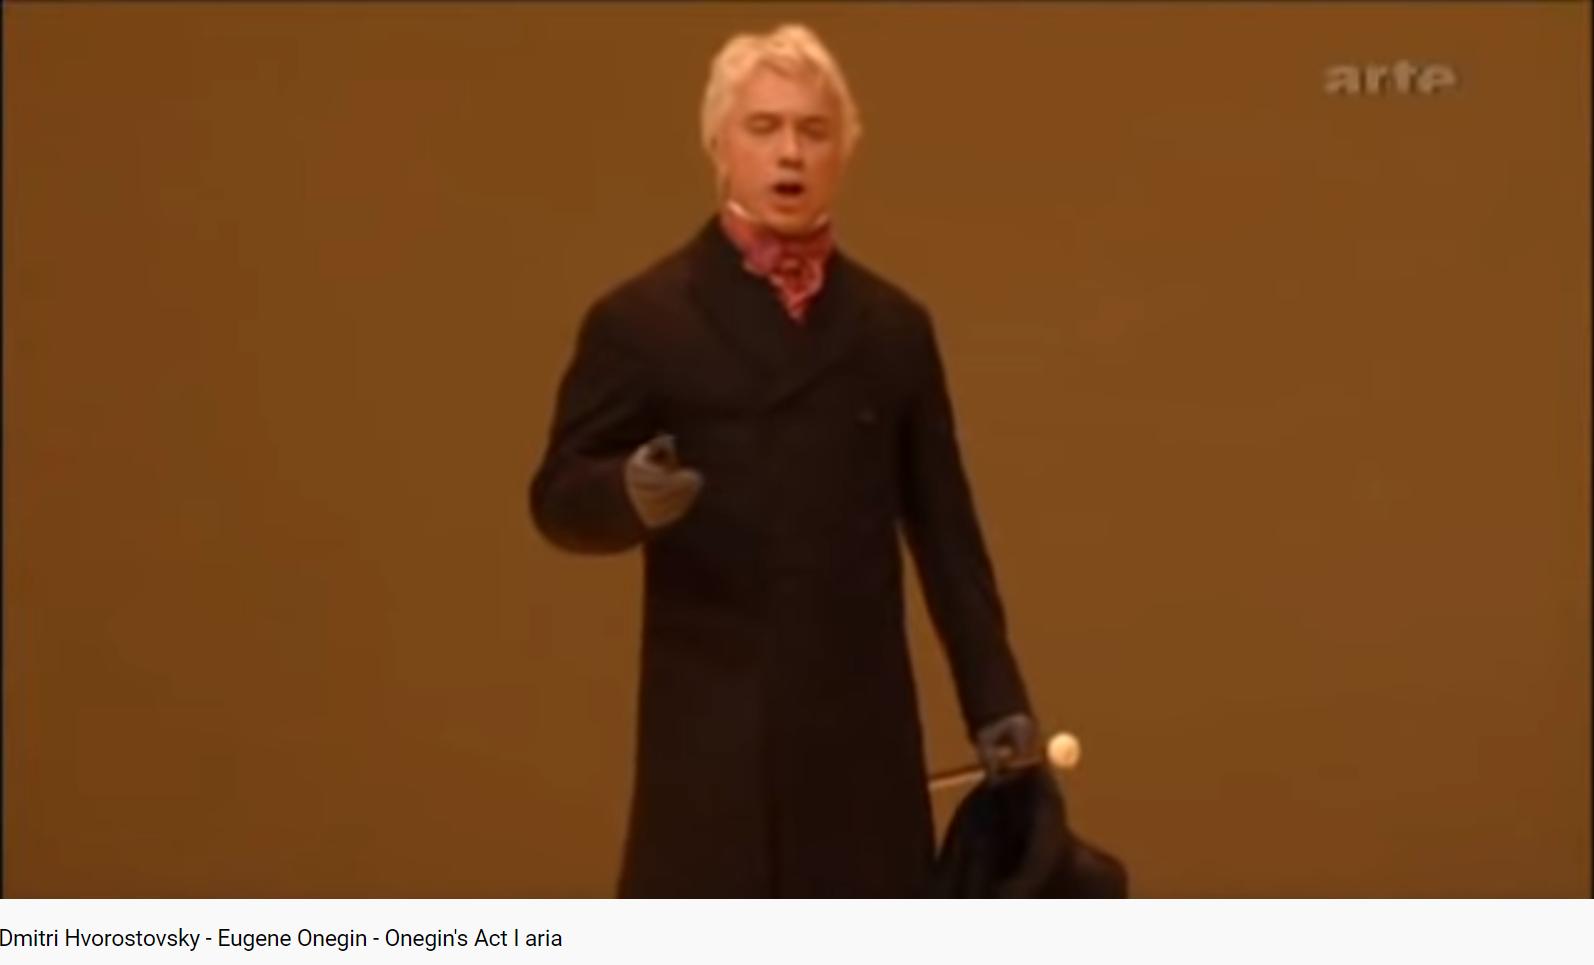 Tchaïkovski Eugène Onéguine air d'Onéguine de l'acte I (MET 2007)